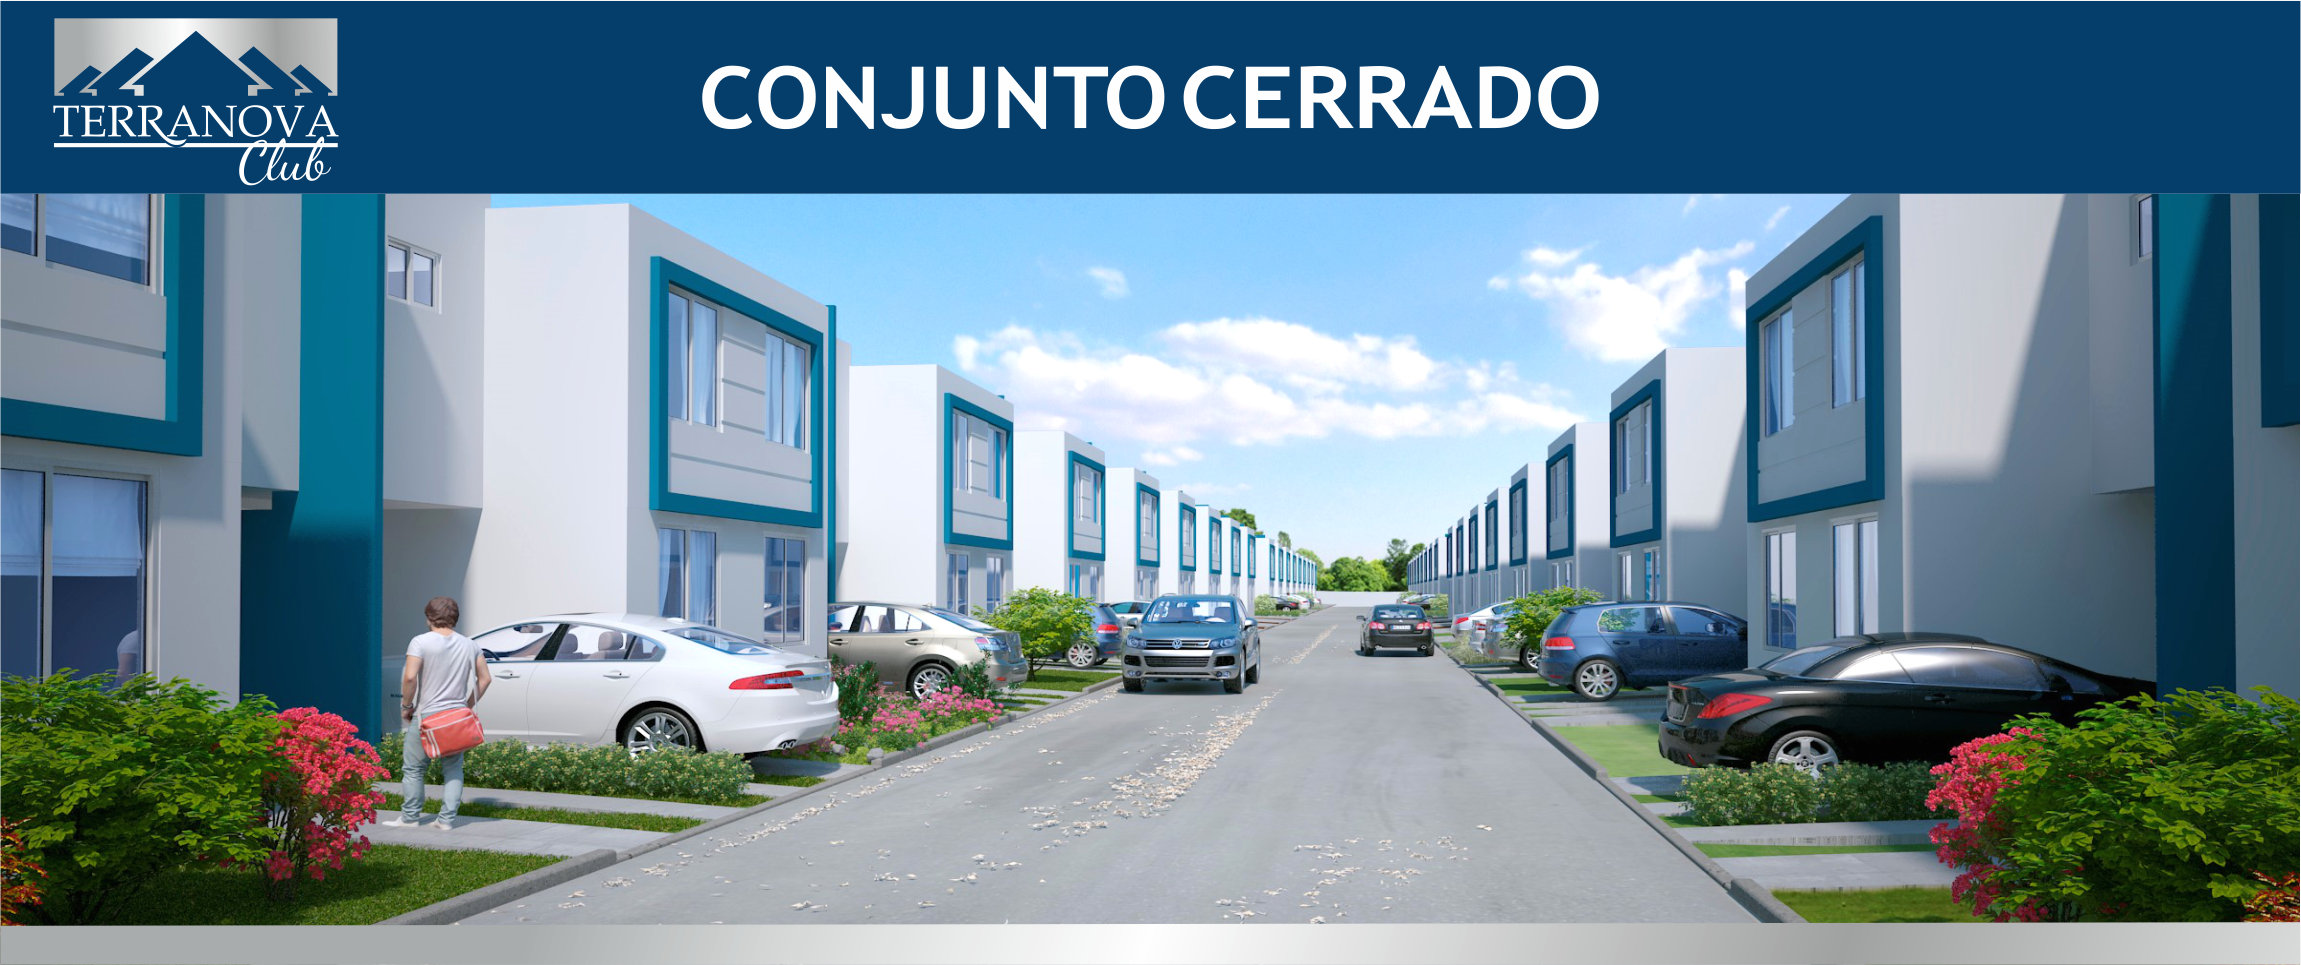 Urbanizacion Terranova Proyectos De Vivienda En Valledupar